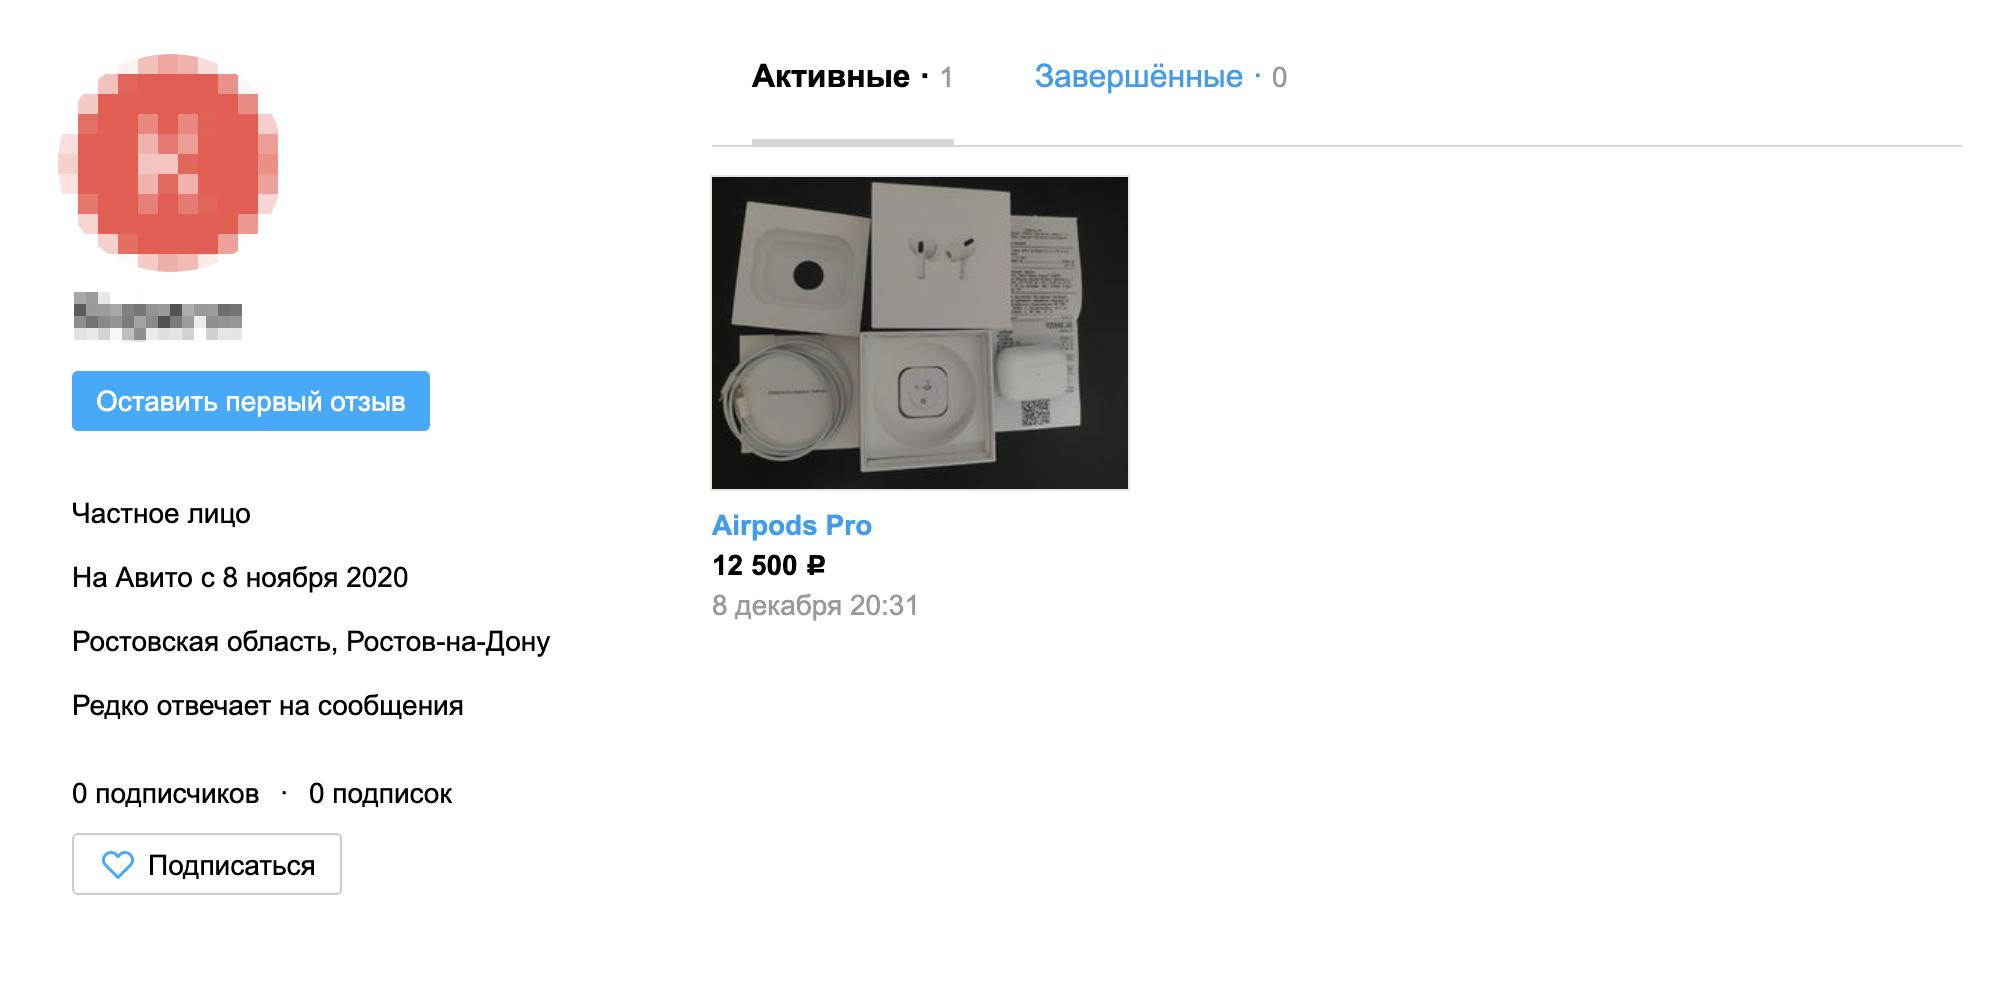 Вот профиль, который должен насторожить: на«Авито» недавно, отзывов нет, завершенных объявлений тоже